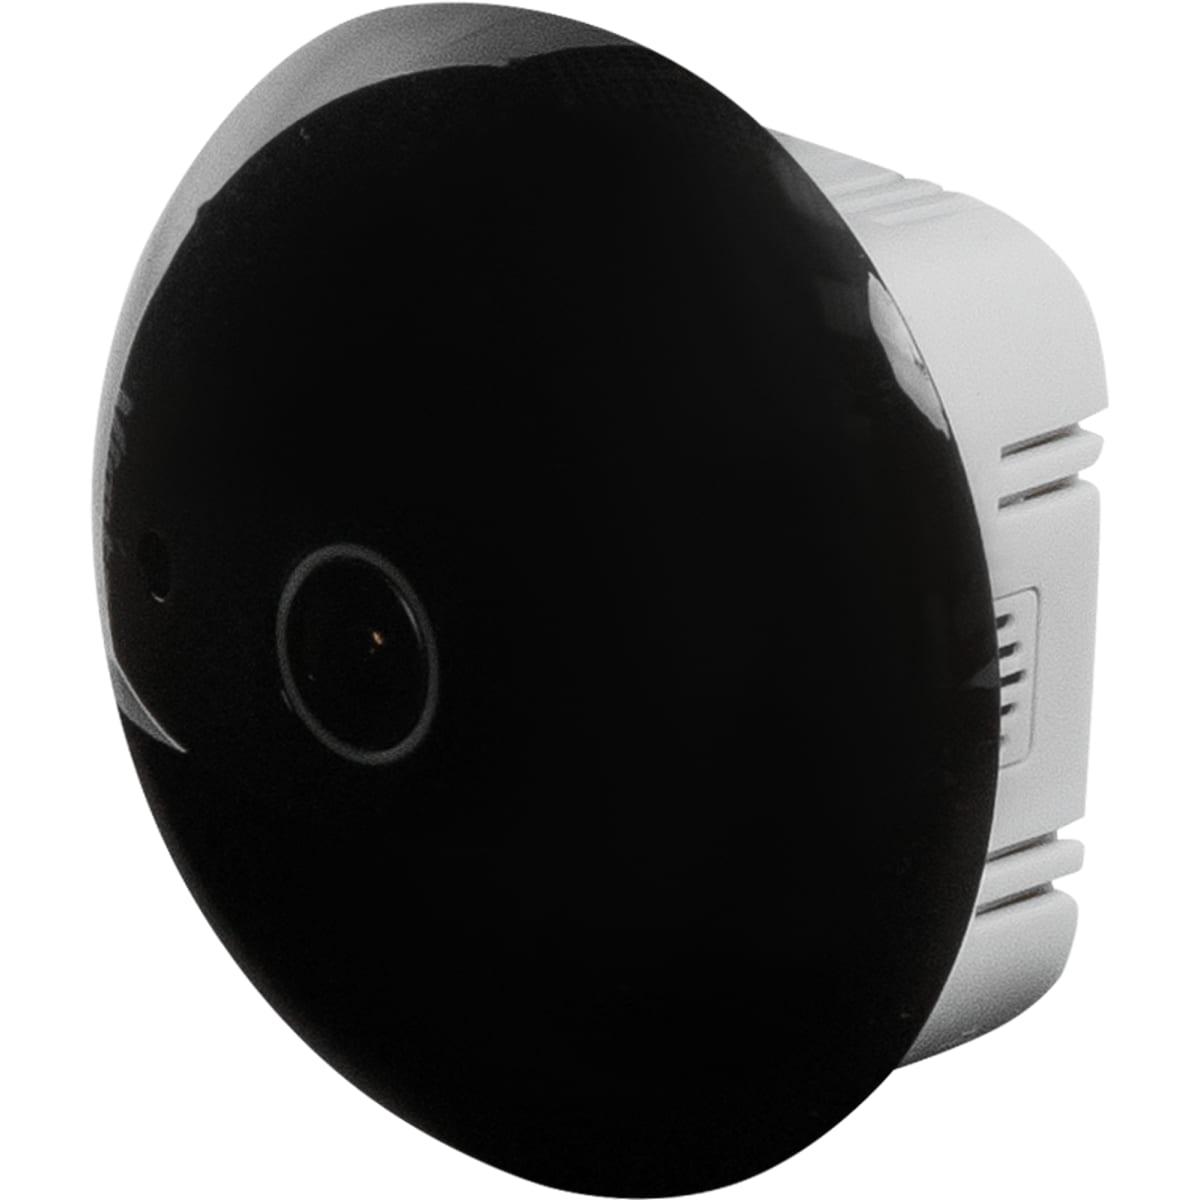 Камера внутренняя Ezviz С2С с Wi-Fi 1 Мп